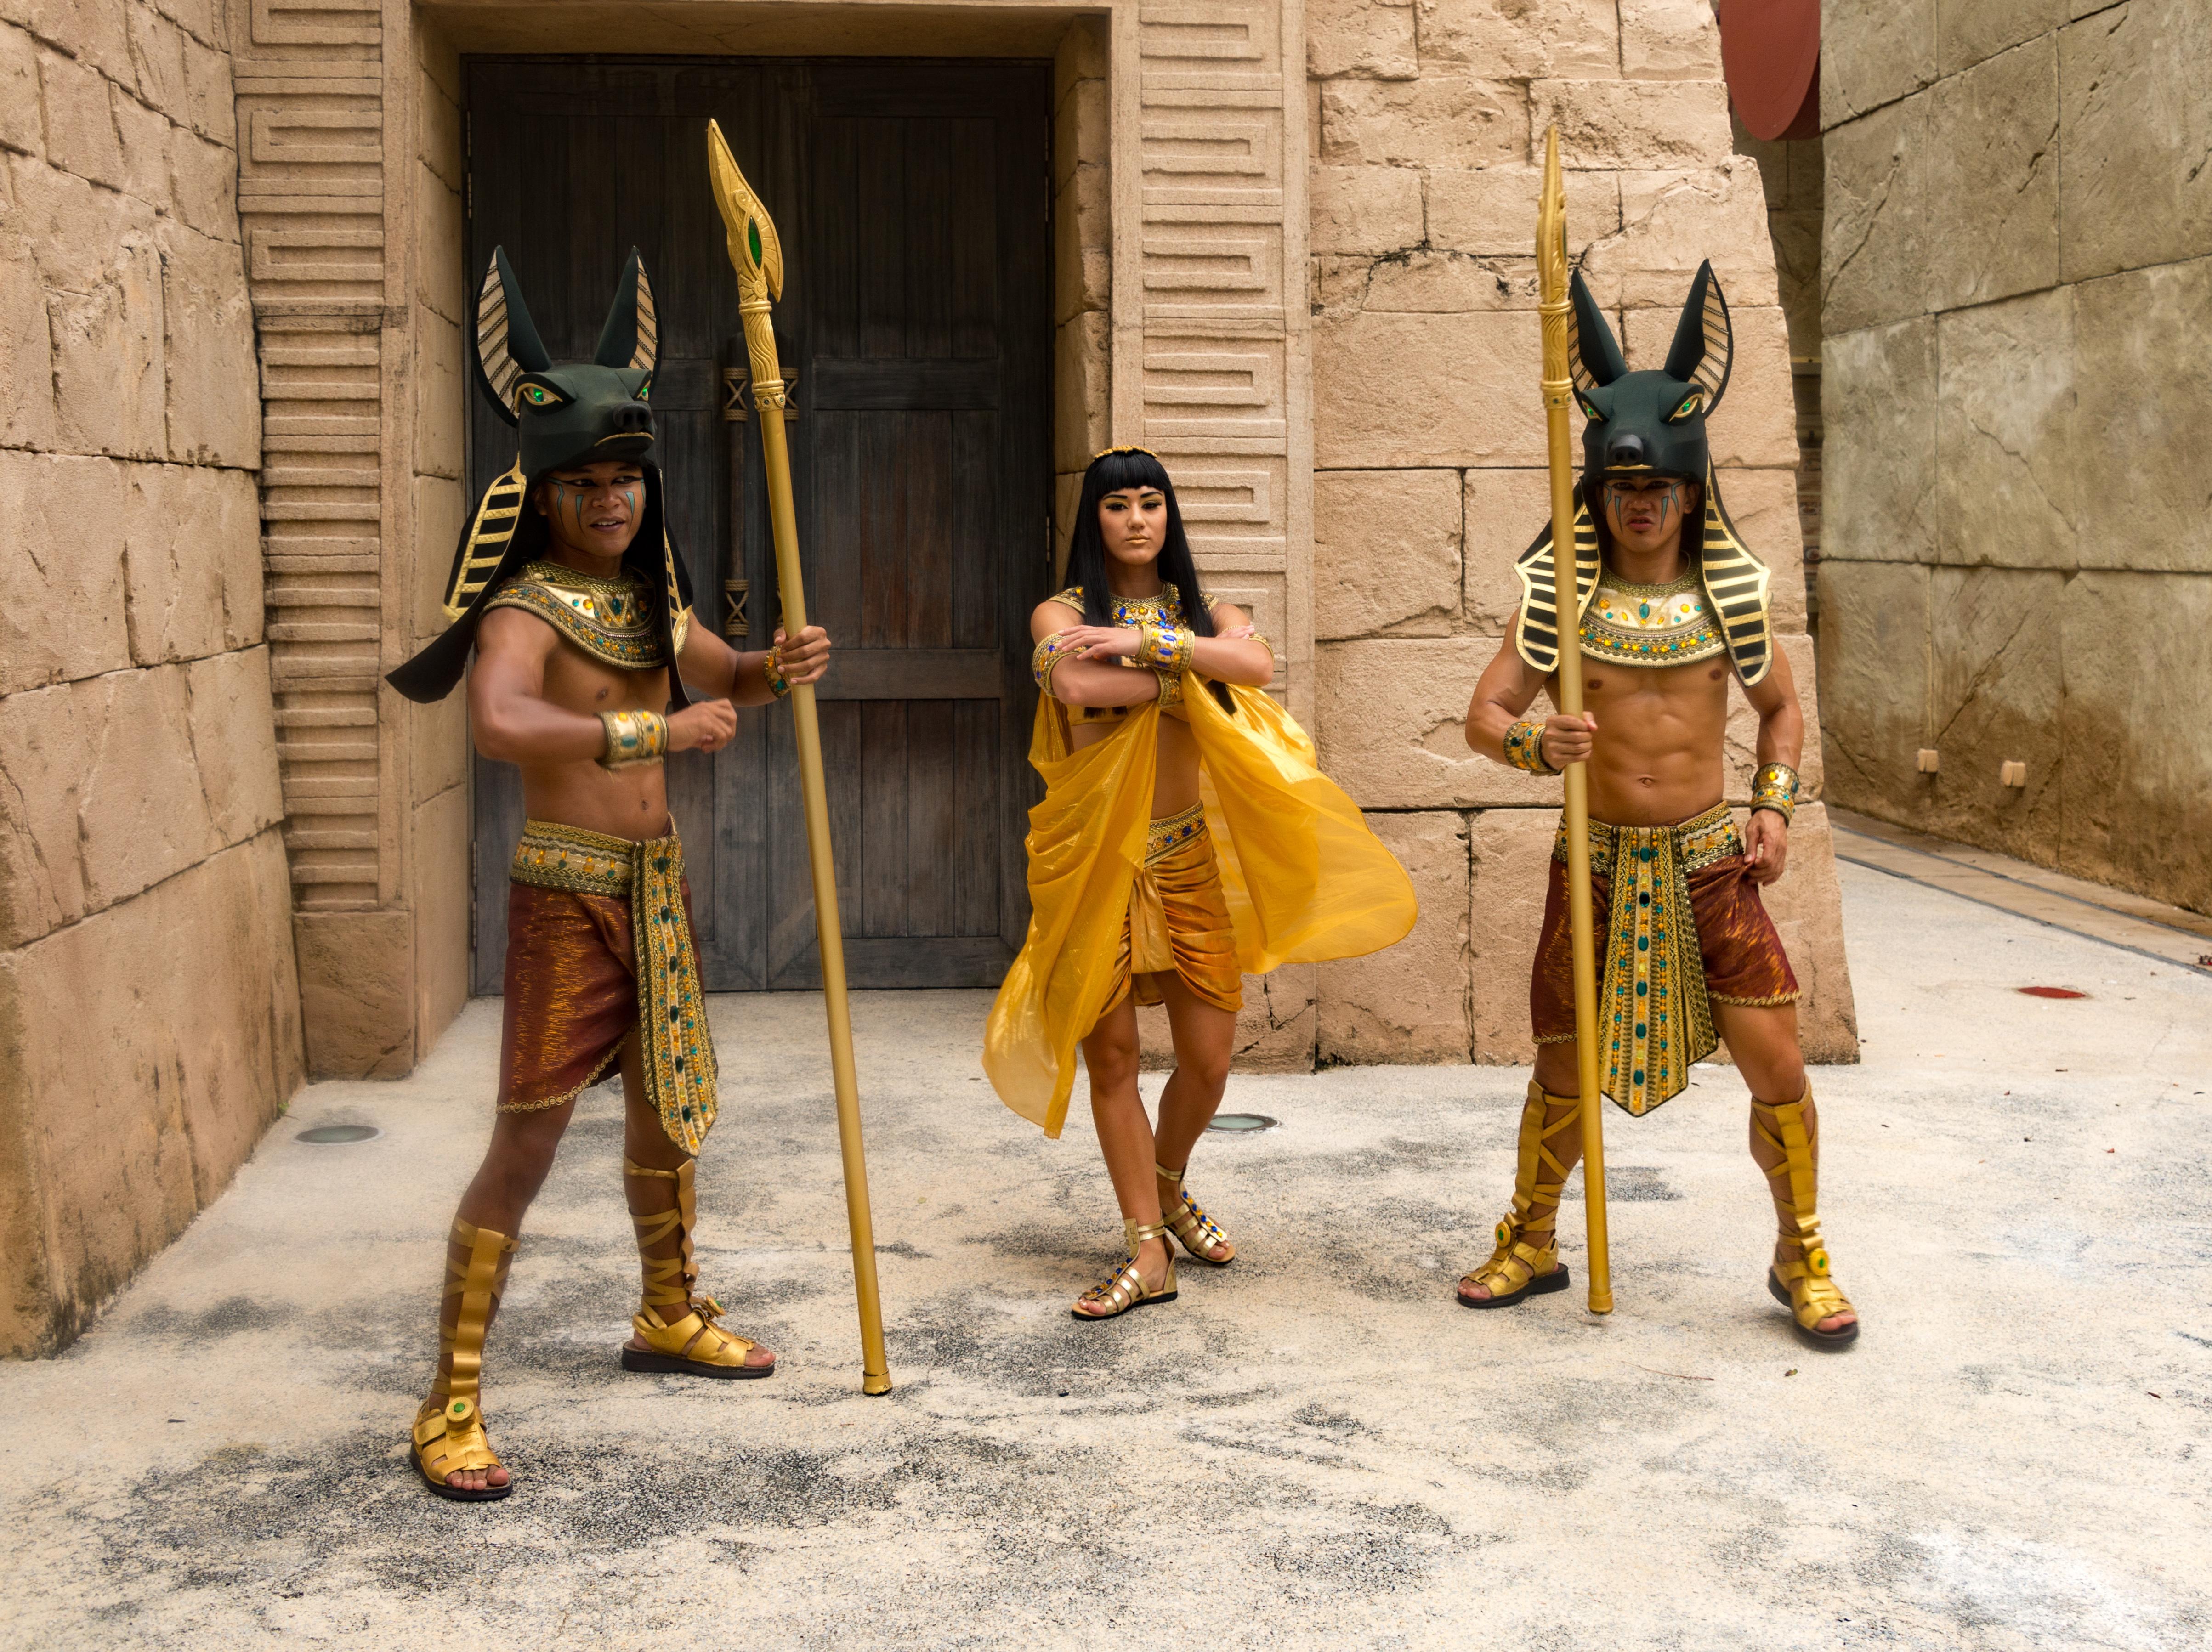 разновидности все боги египта фото компании наконец-то получают